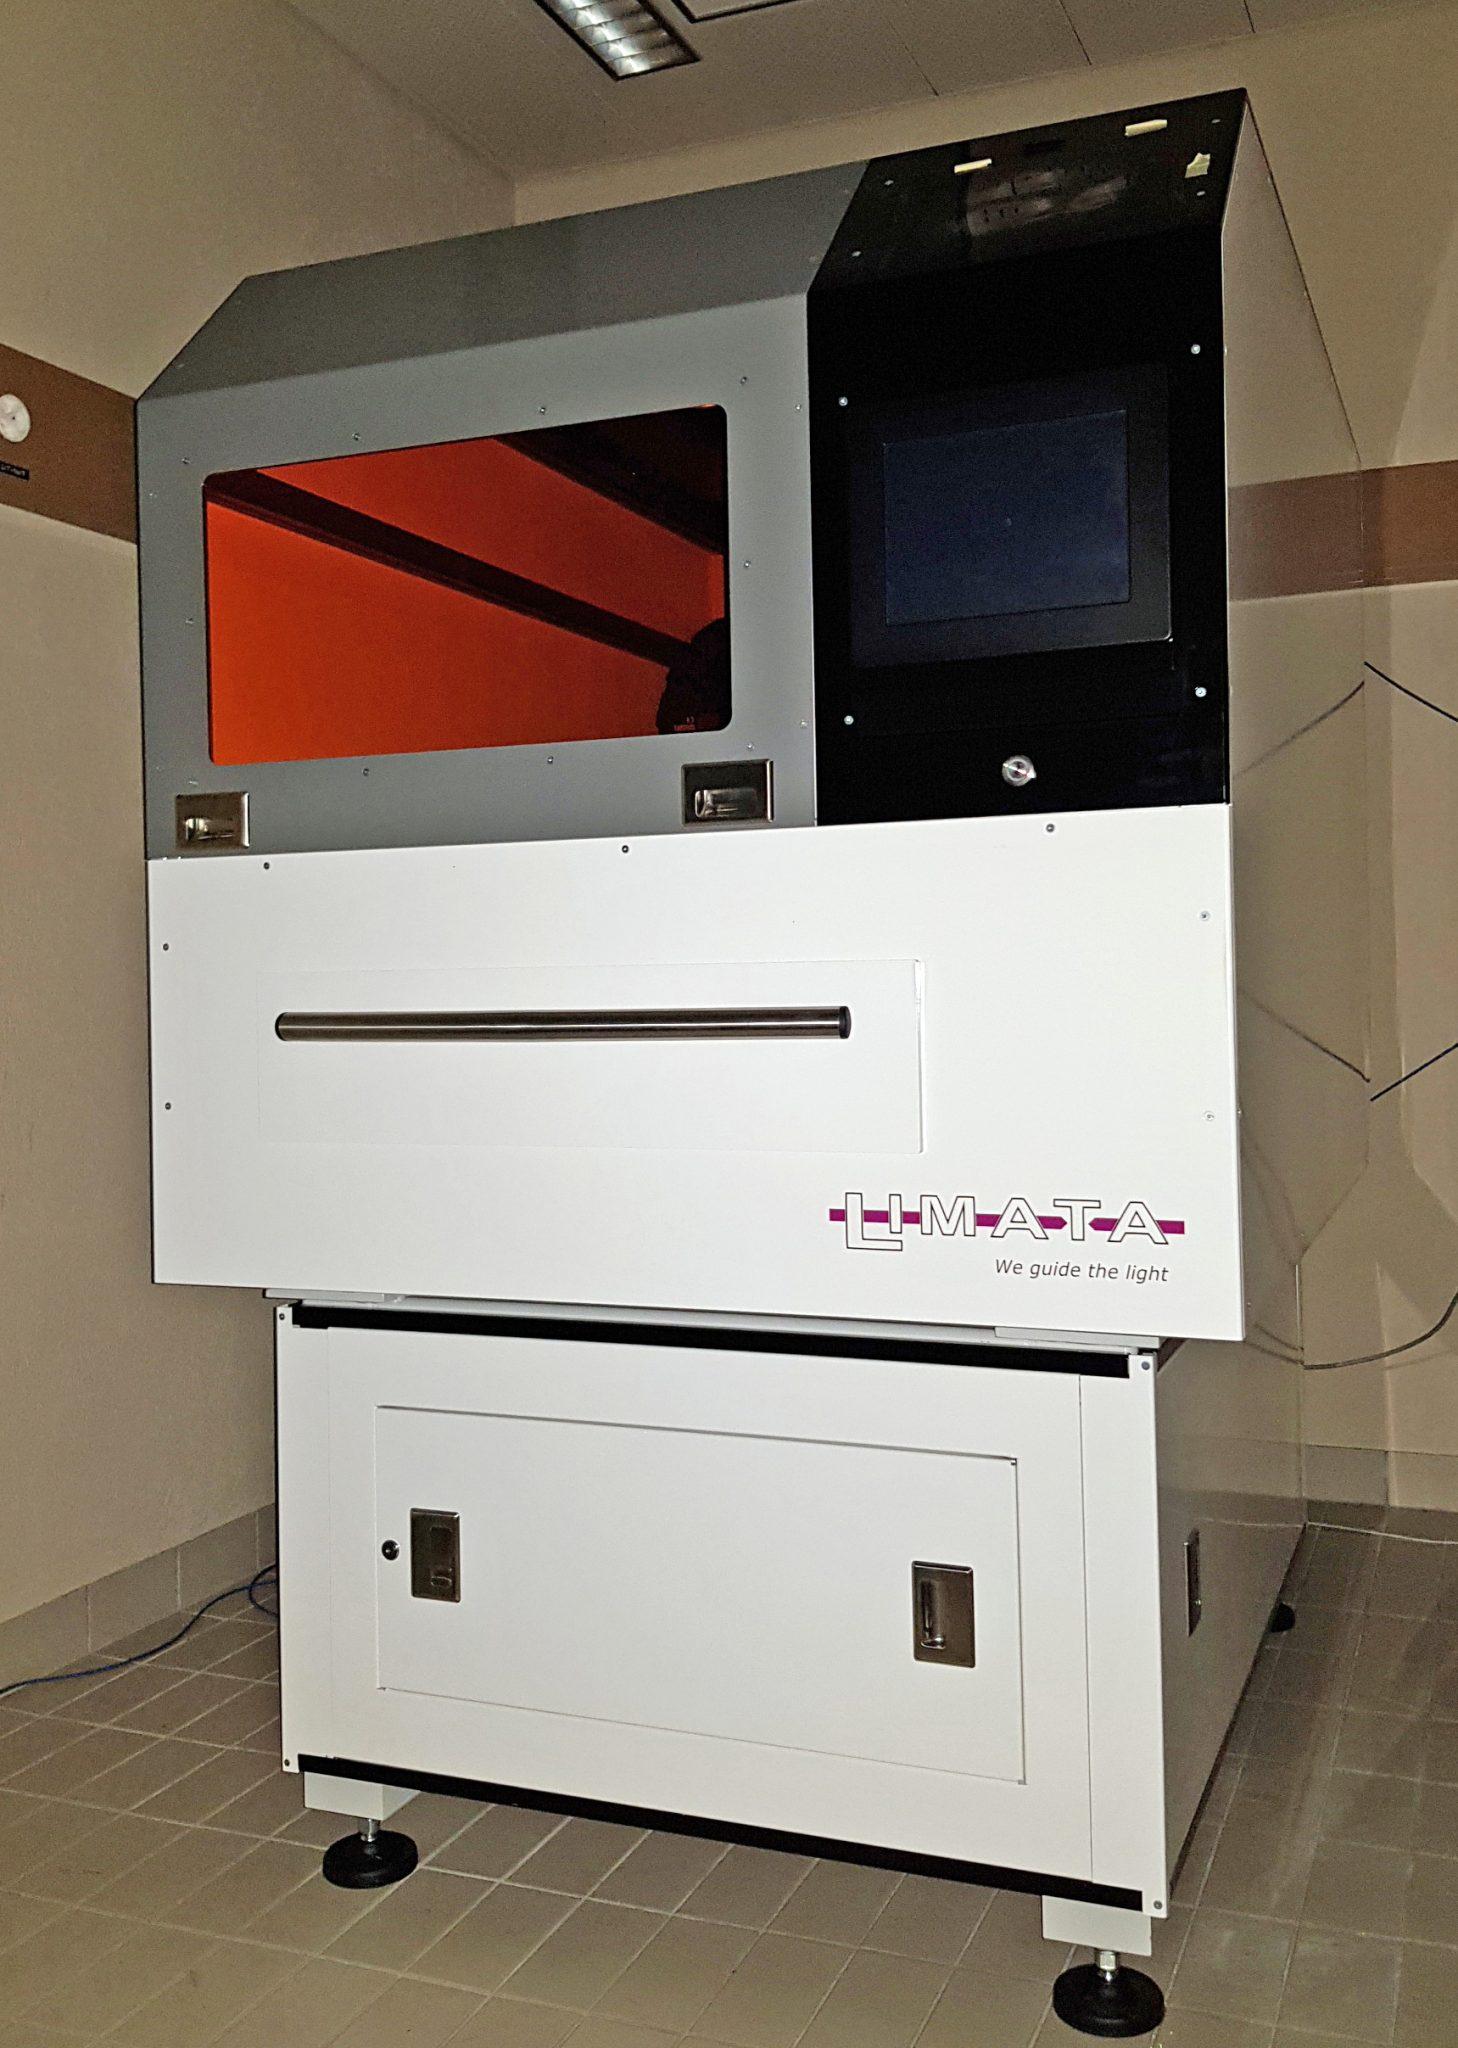 Armoire Pour Cacher Tableau Electrique laser direct imager – pat sti